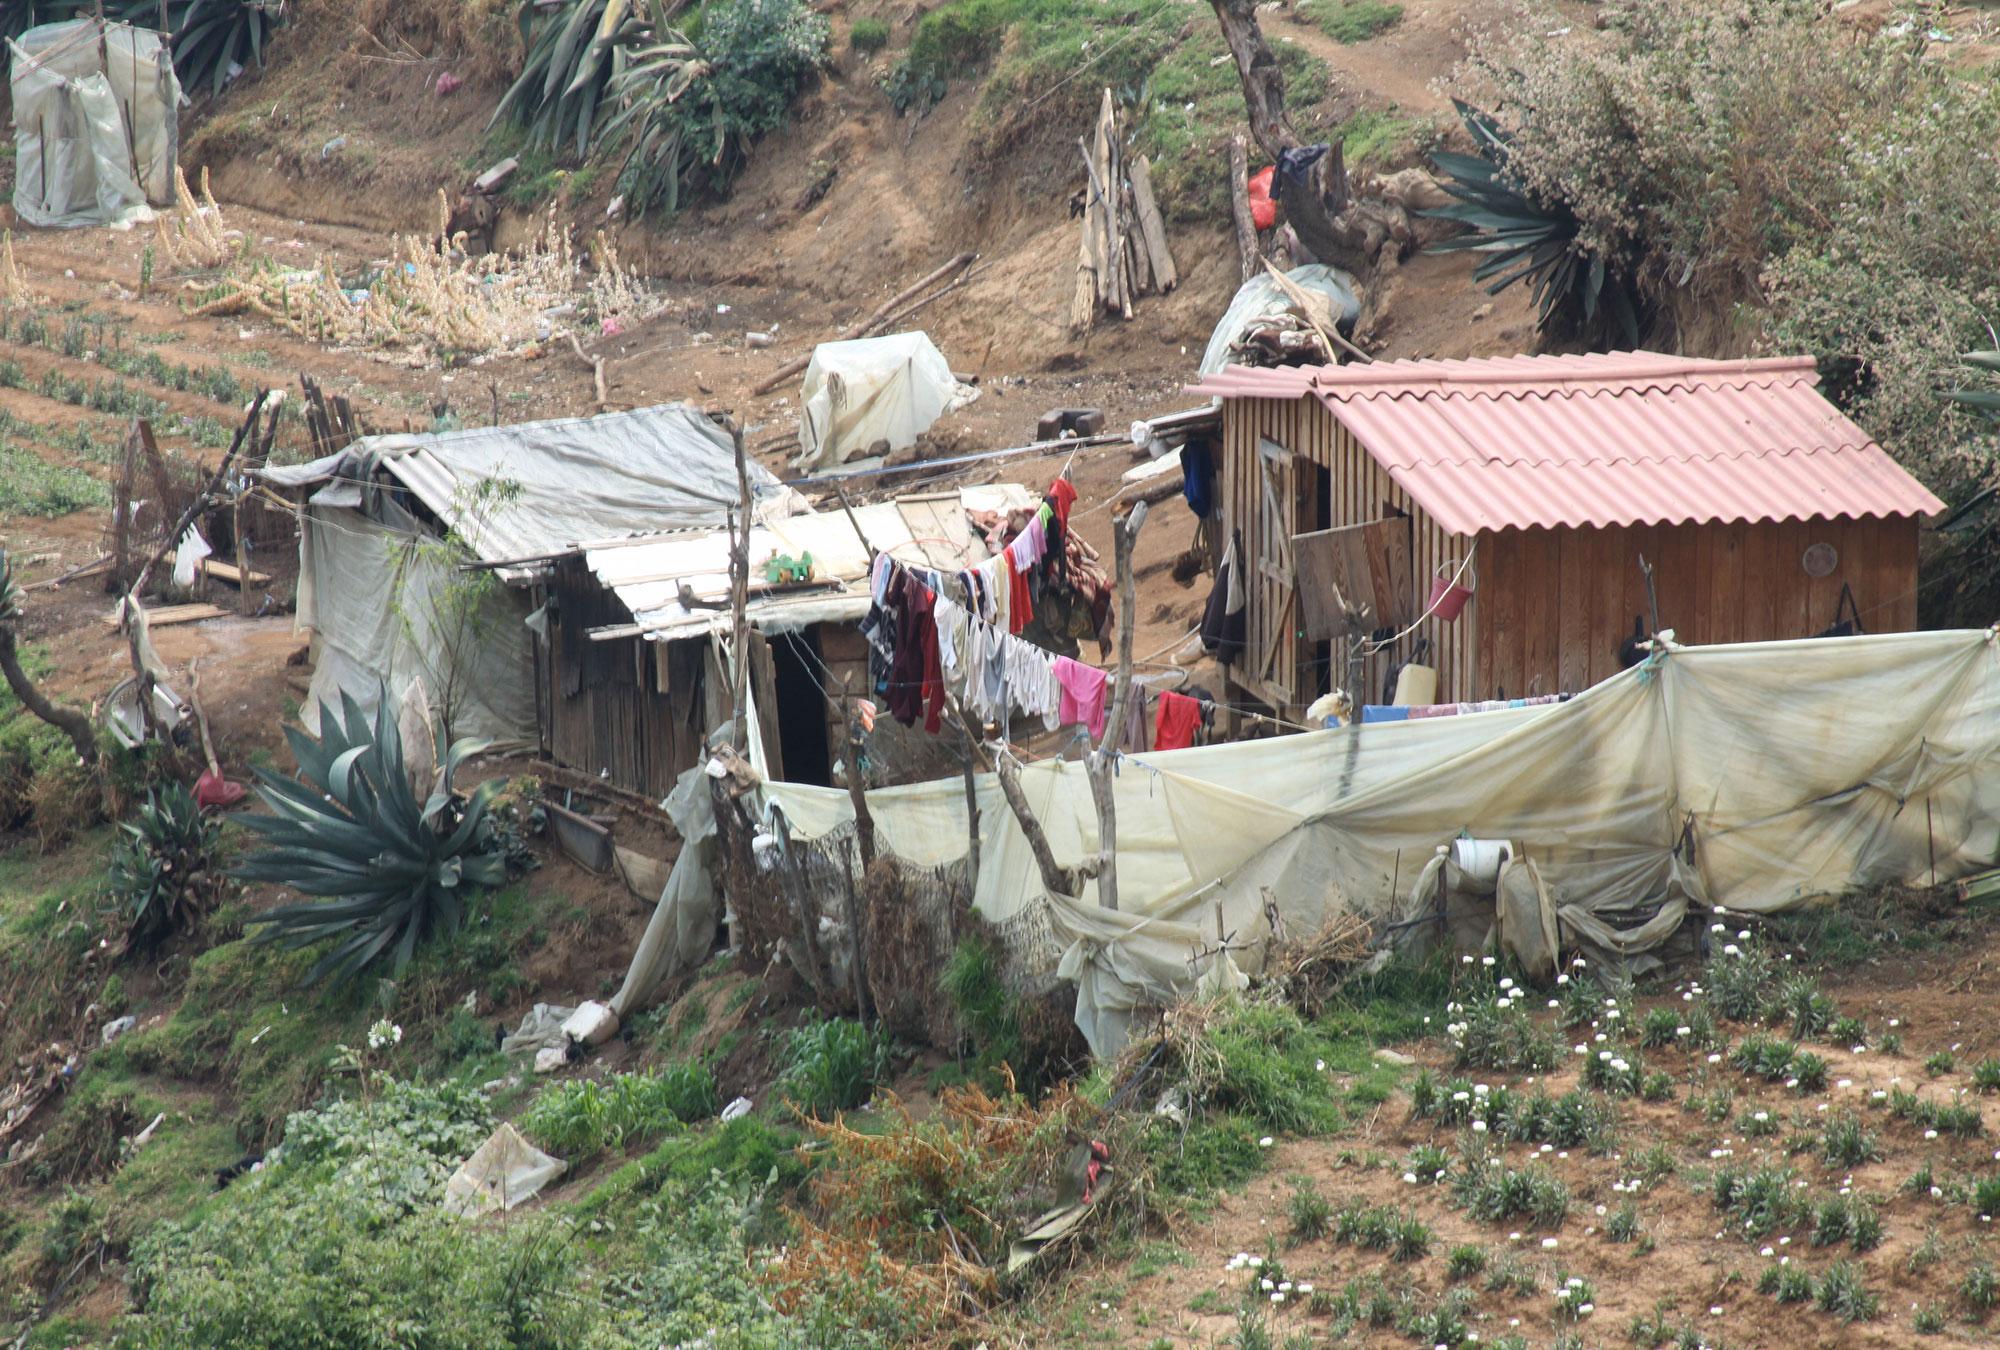 Slum housing in Mexico